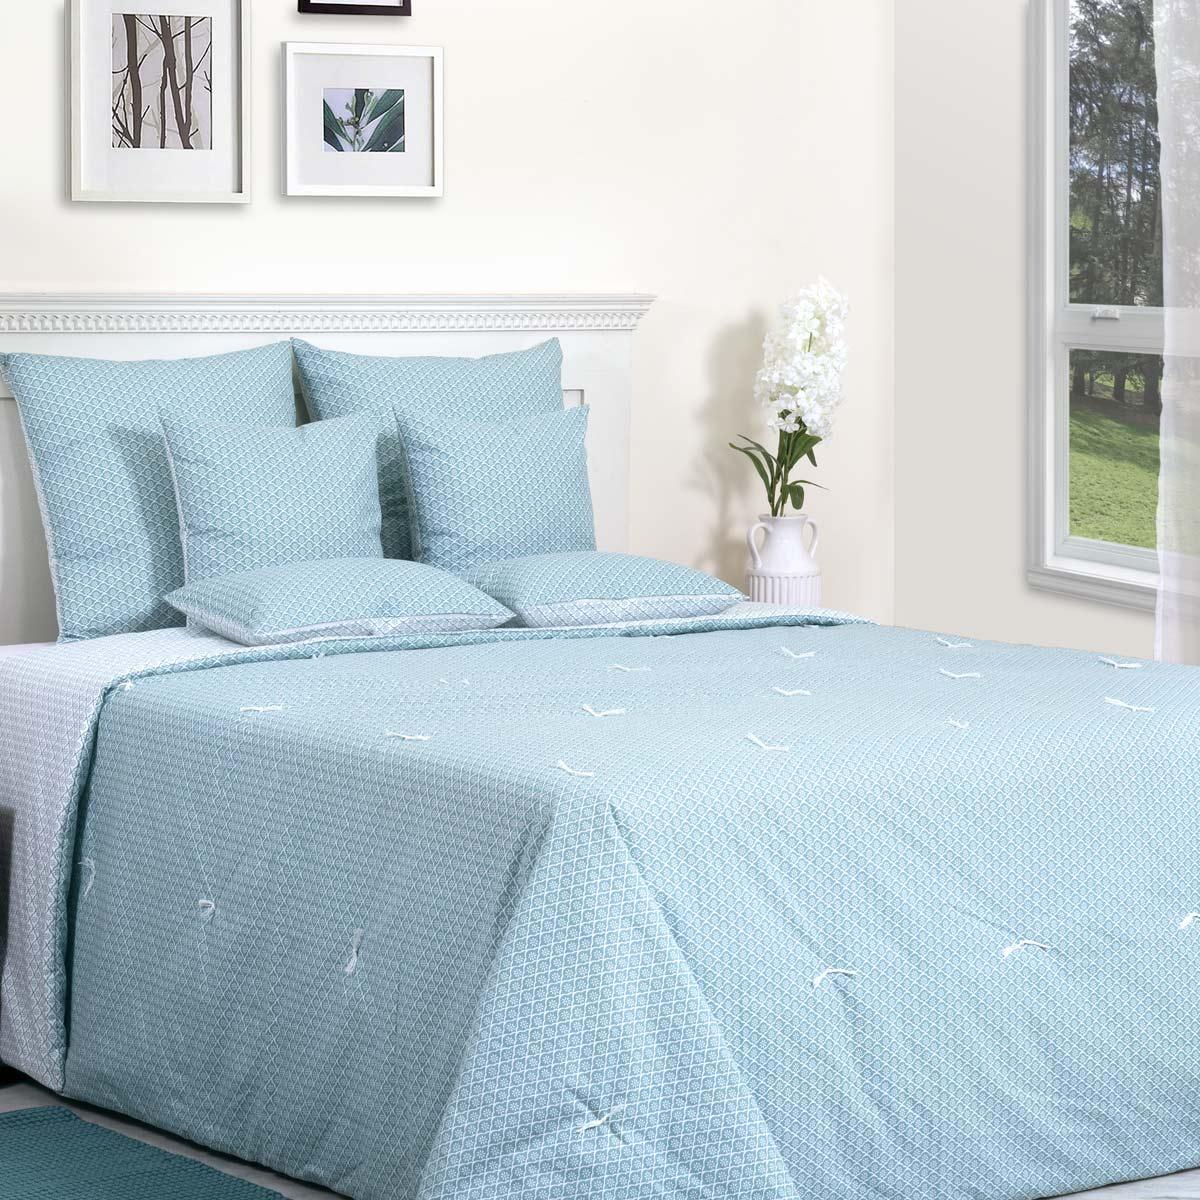 couvre lit coton imprim svea sensei la maison du coton. Black Bedroom Furniture Sets. Home Design Ideas